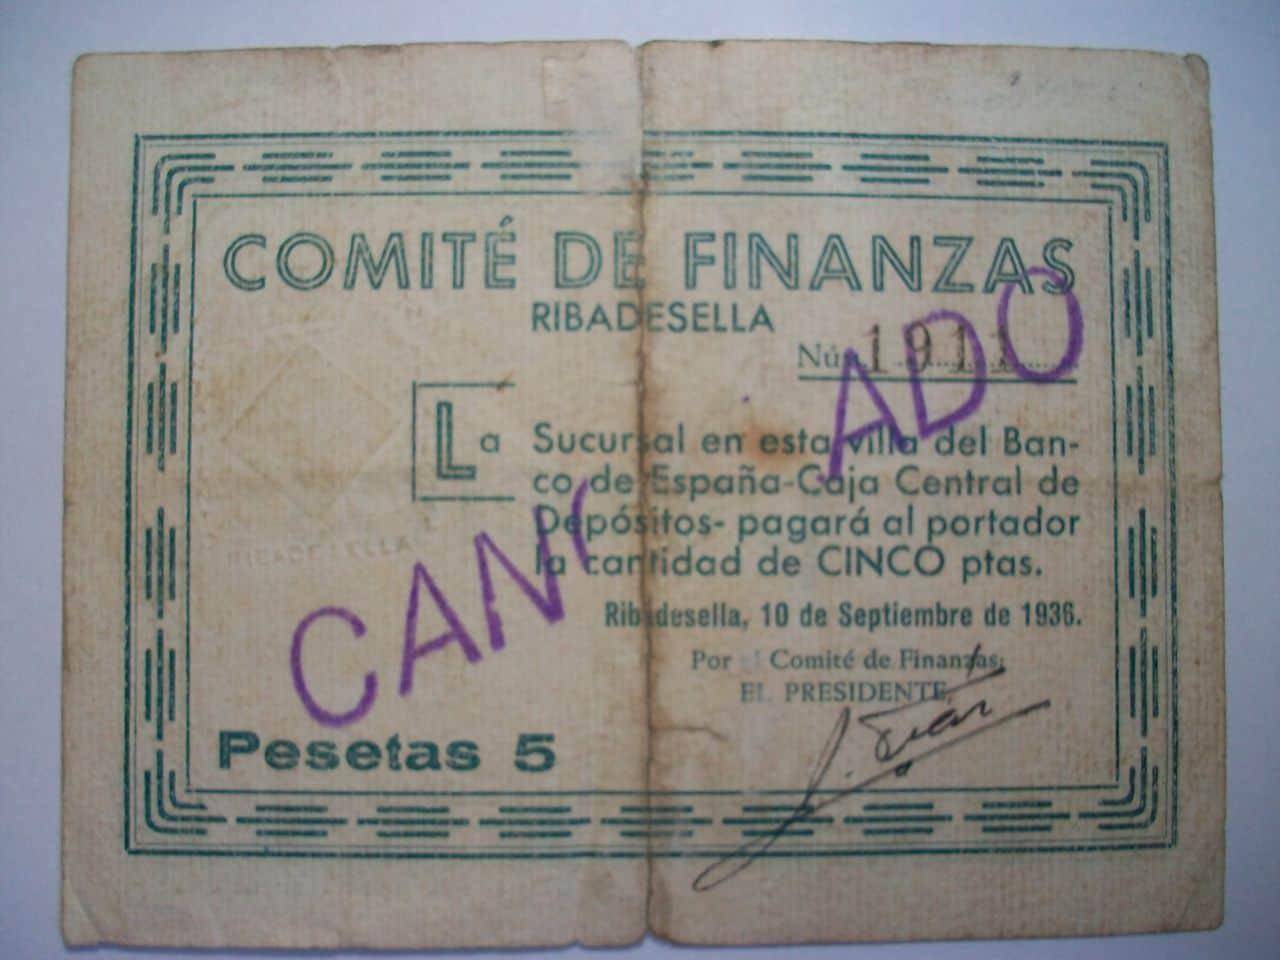 5 Pesetas Ribadesella, 10 Setiembre 1936. (¿Billete español o billete de necesidad? ) Comit_de_finanzas_de_Ribadesella_5_Ptas_Anv